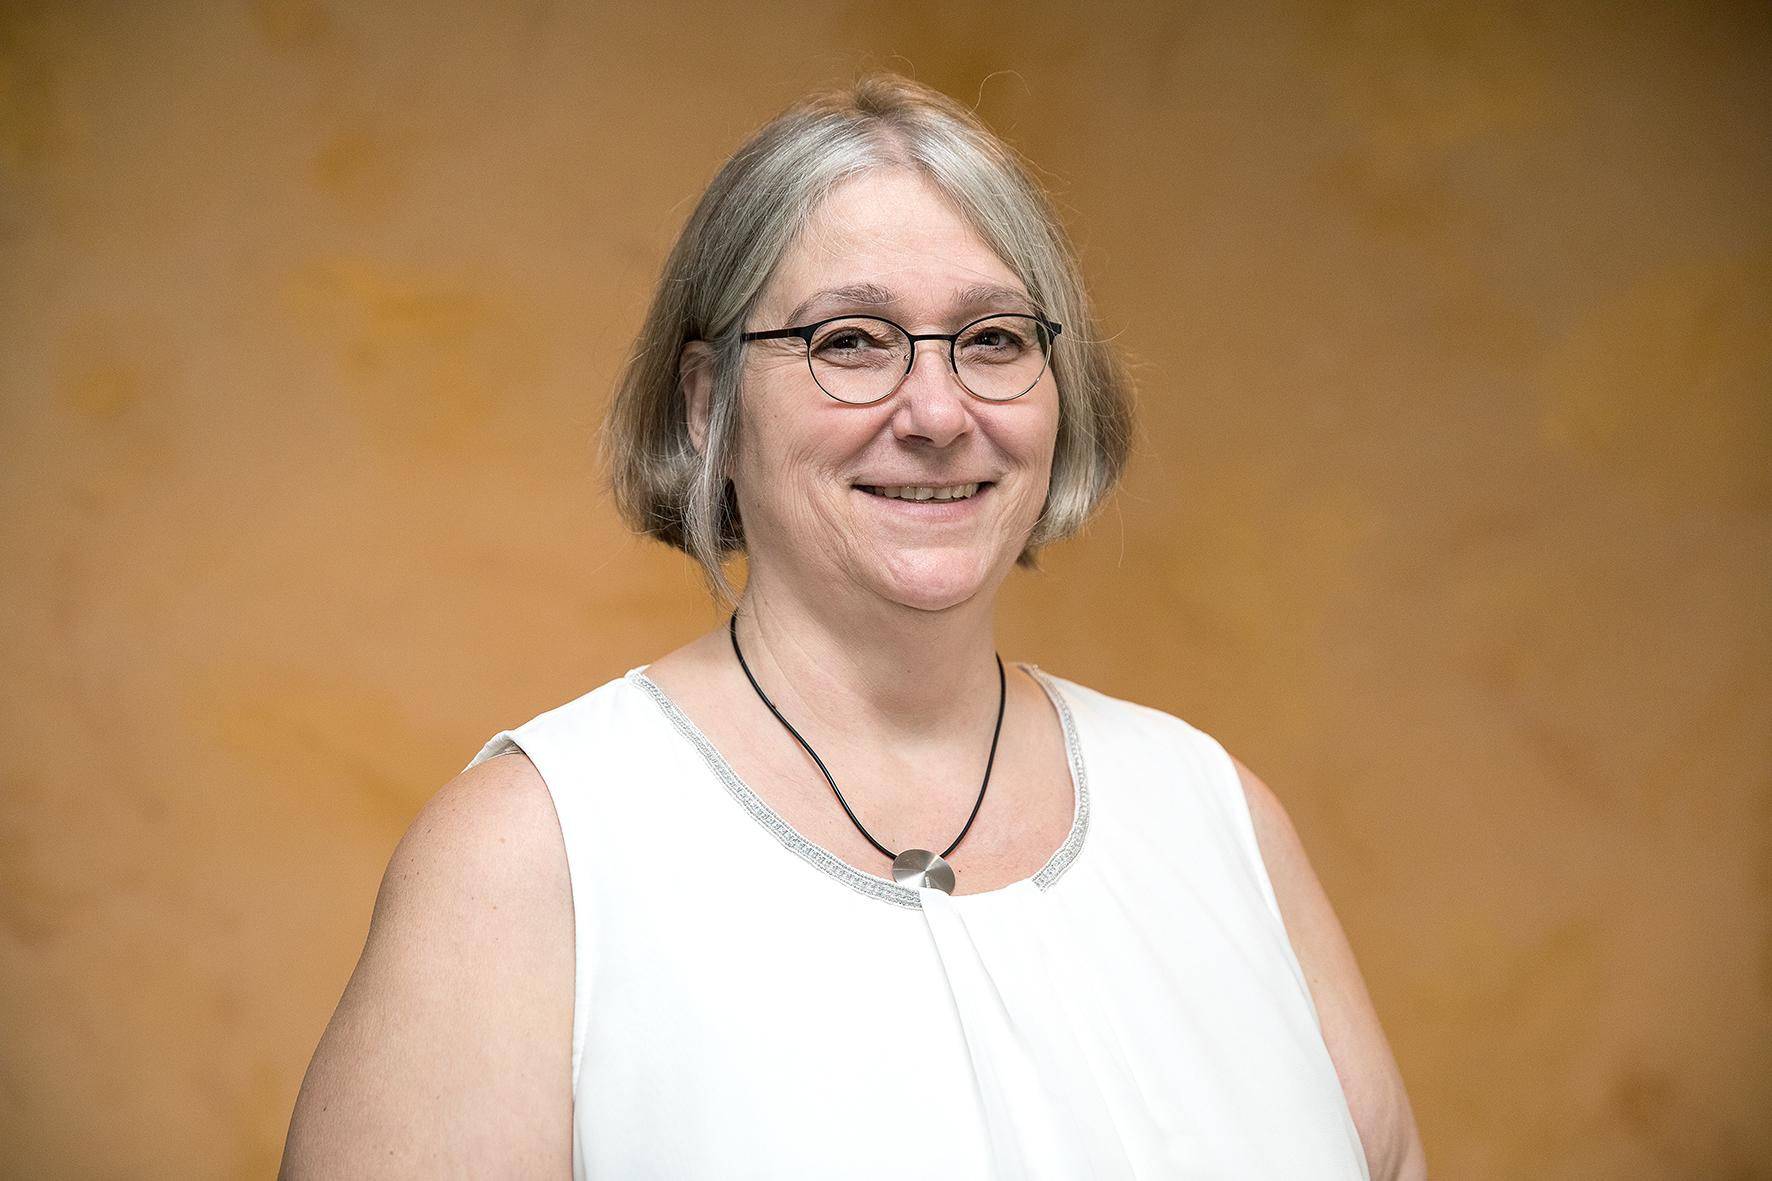 Sabine Geselbracht